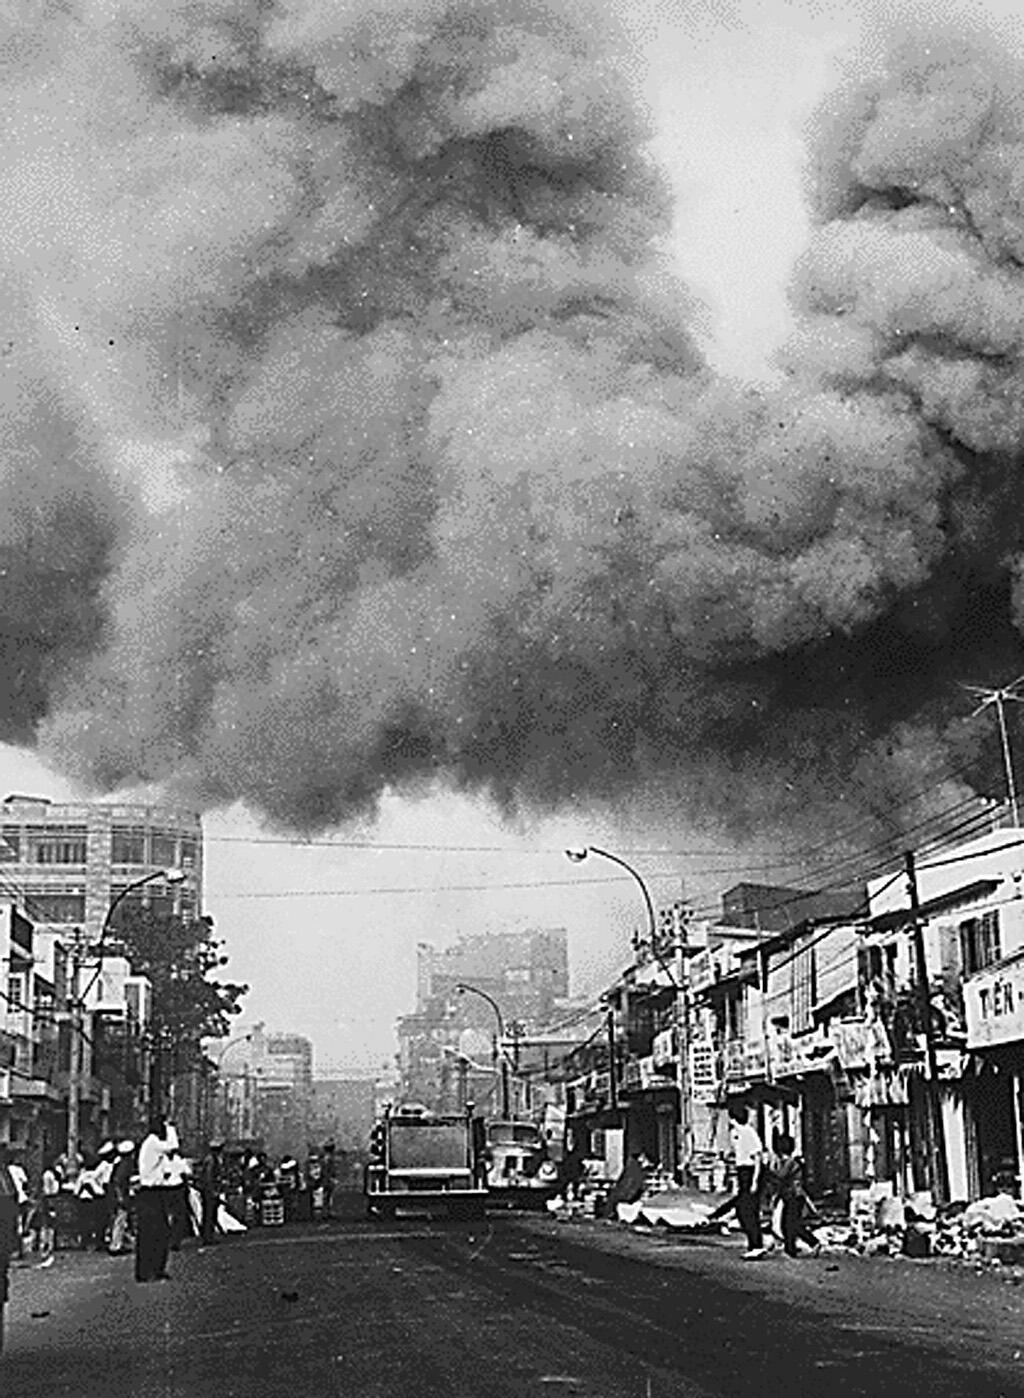 Saigon ngày 31/01/1968 trong cuộc tổng tiến công Tết Mậu Thân. Ảnh tư liệu